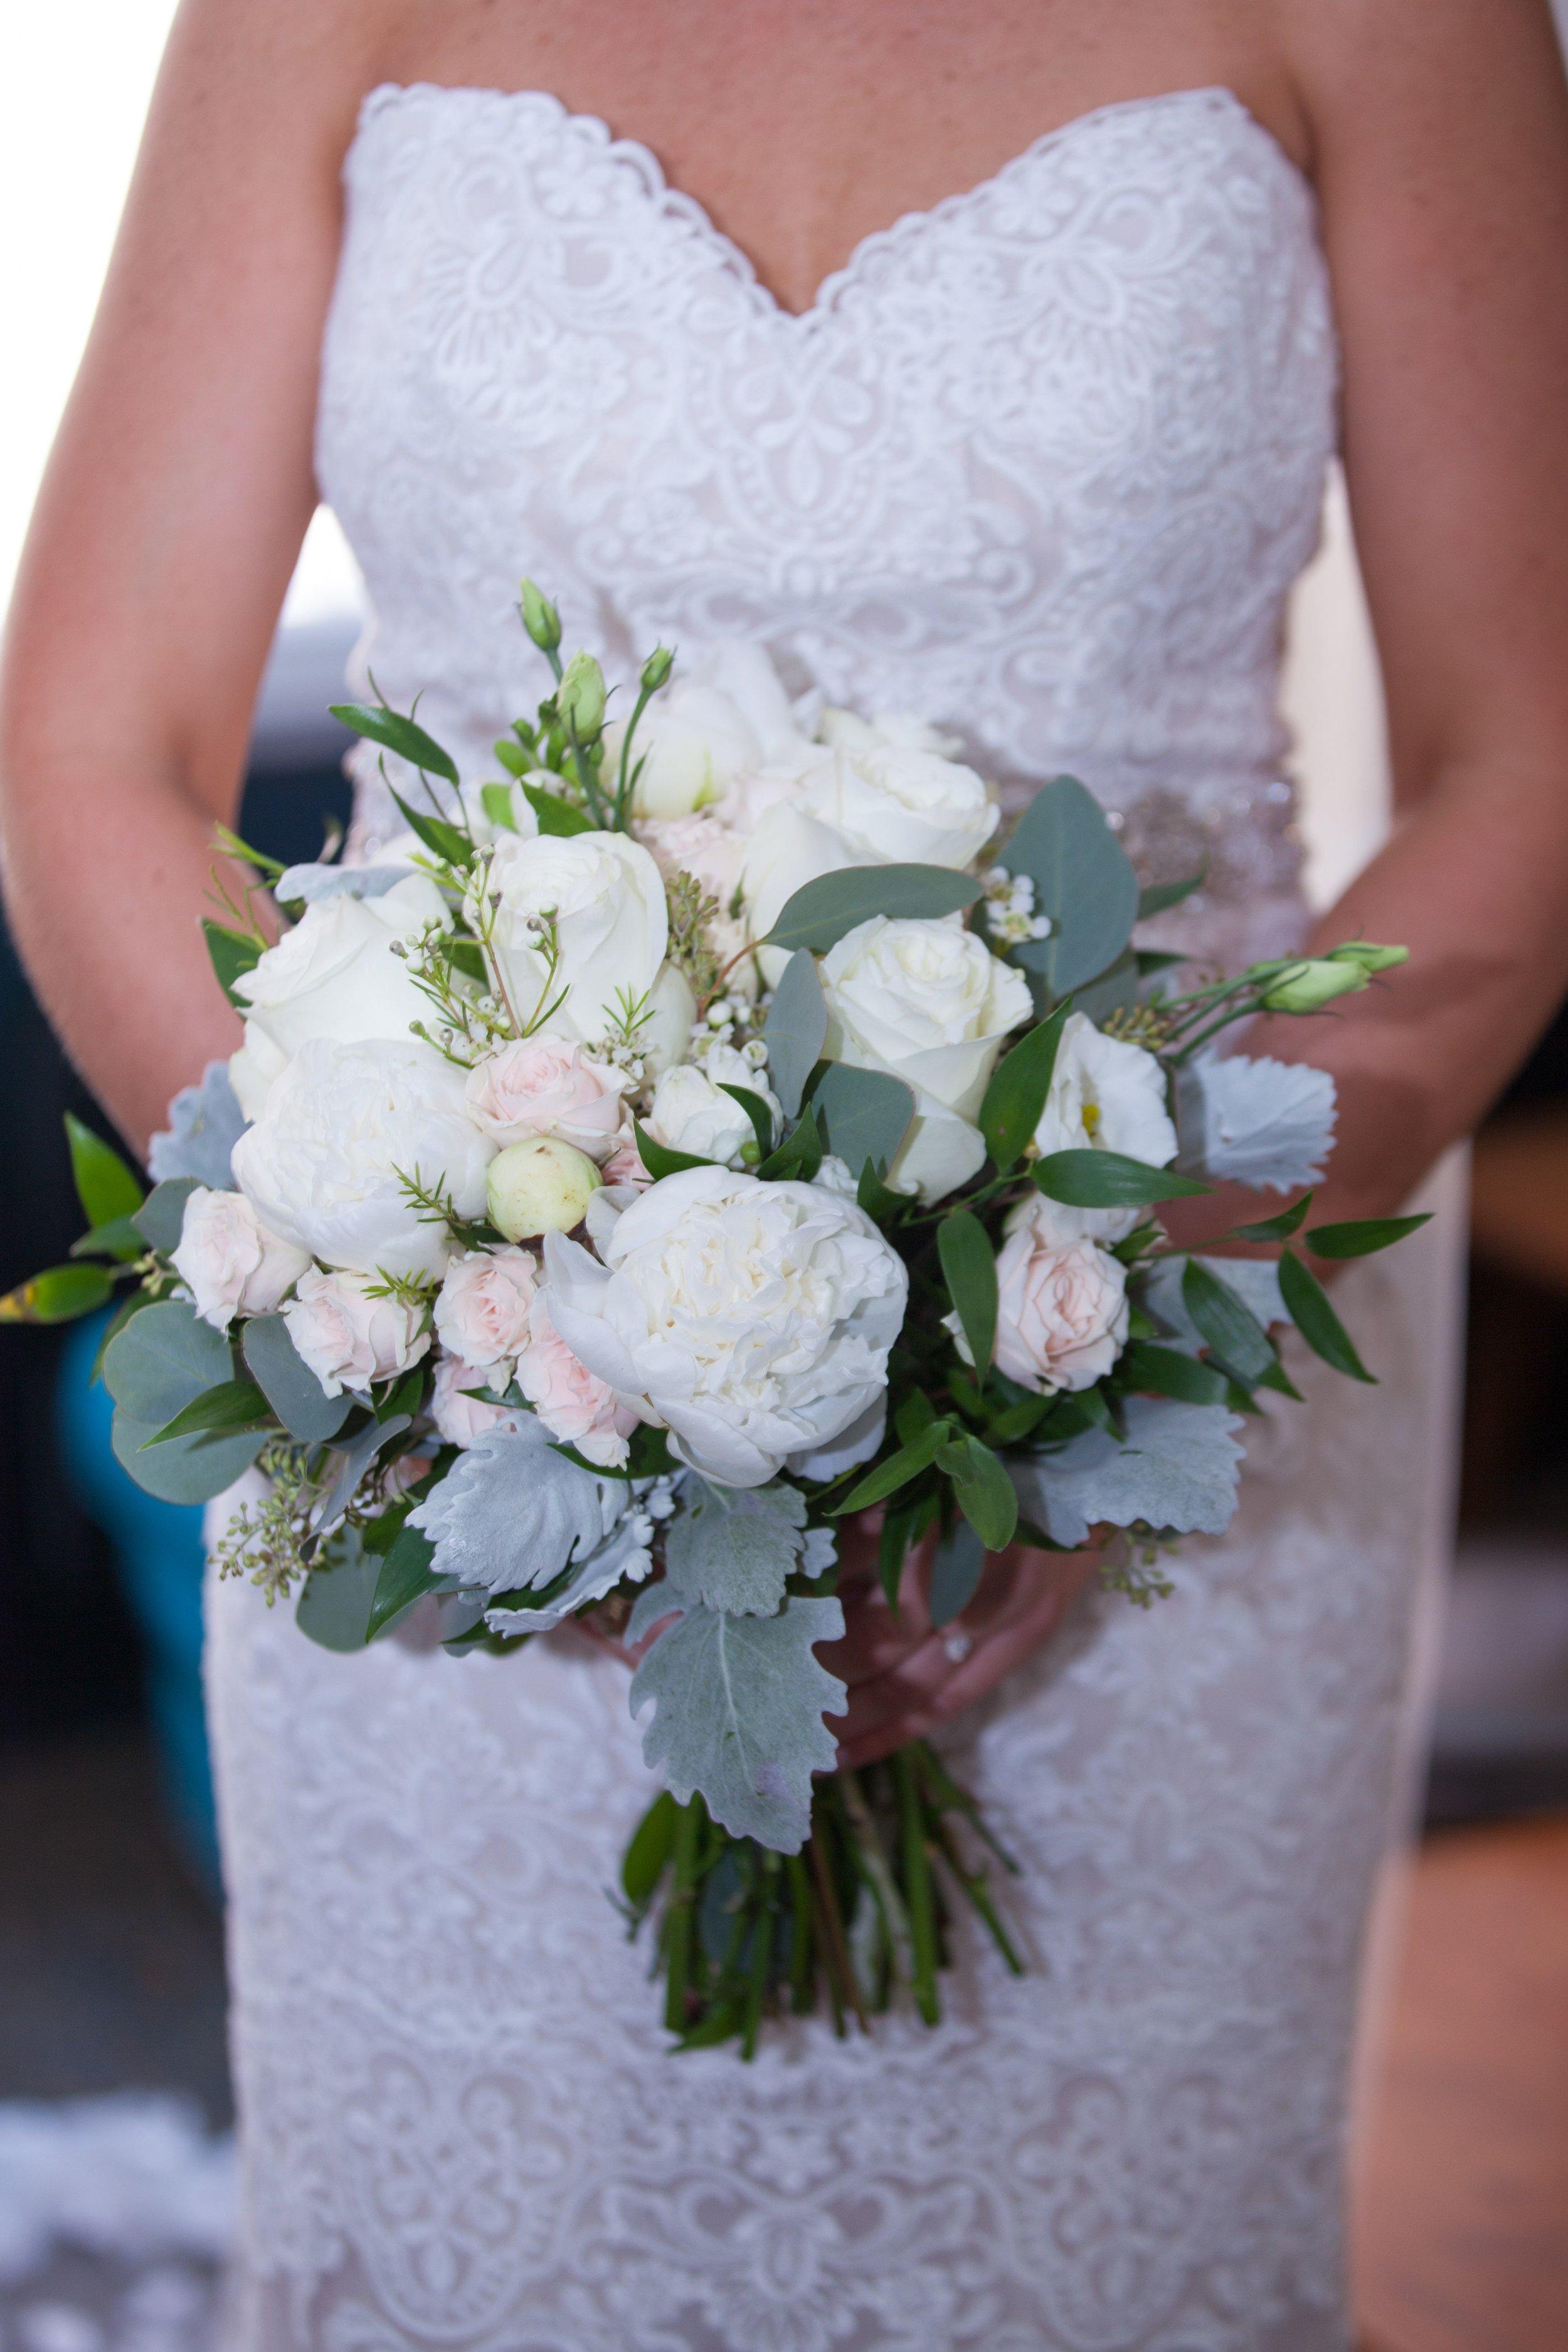 00004_Stover-WeddingSp-32.jpg